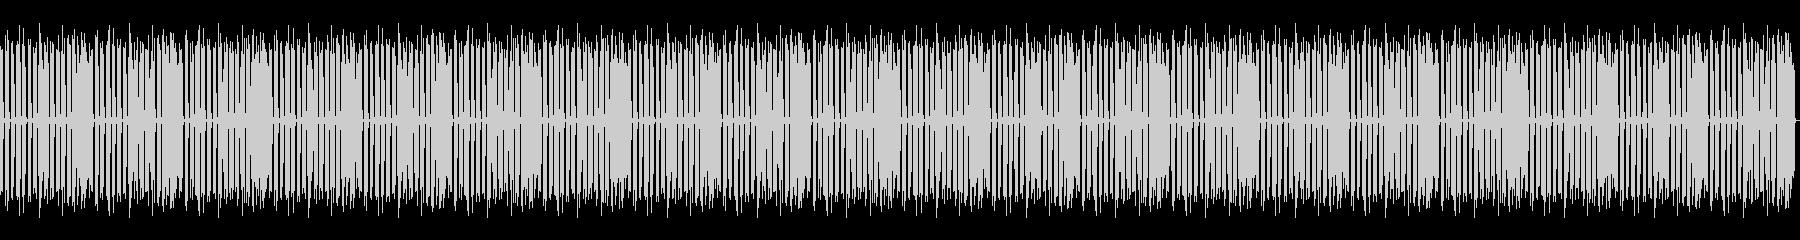 知育・シンプル・パズル・日常ピアノ37Lの未再生の波形